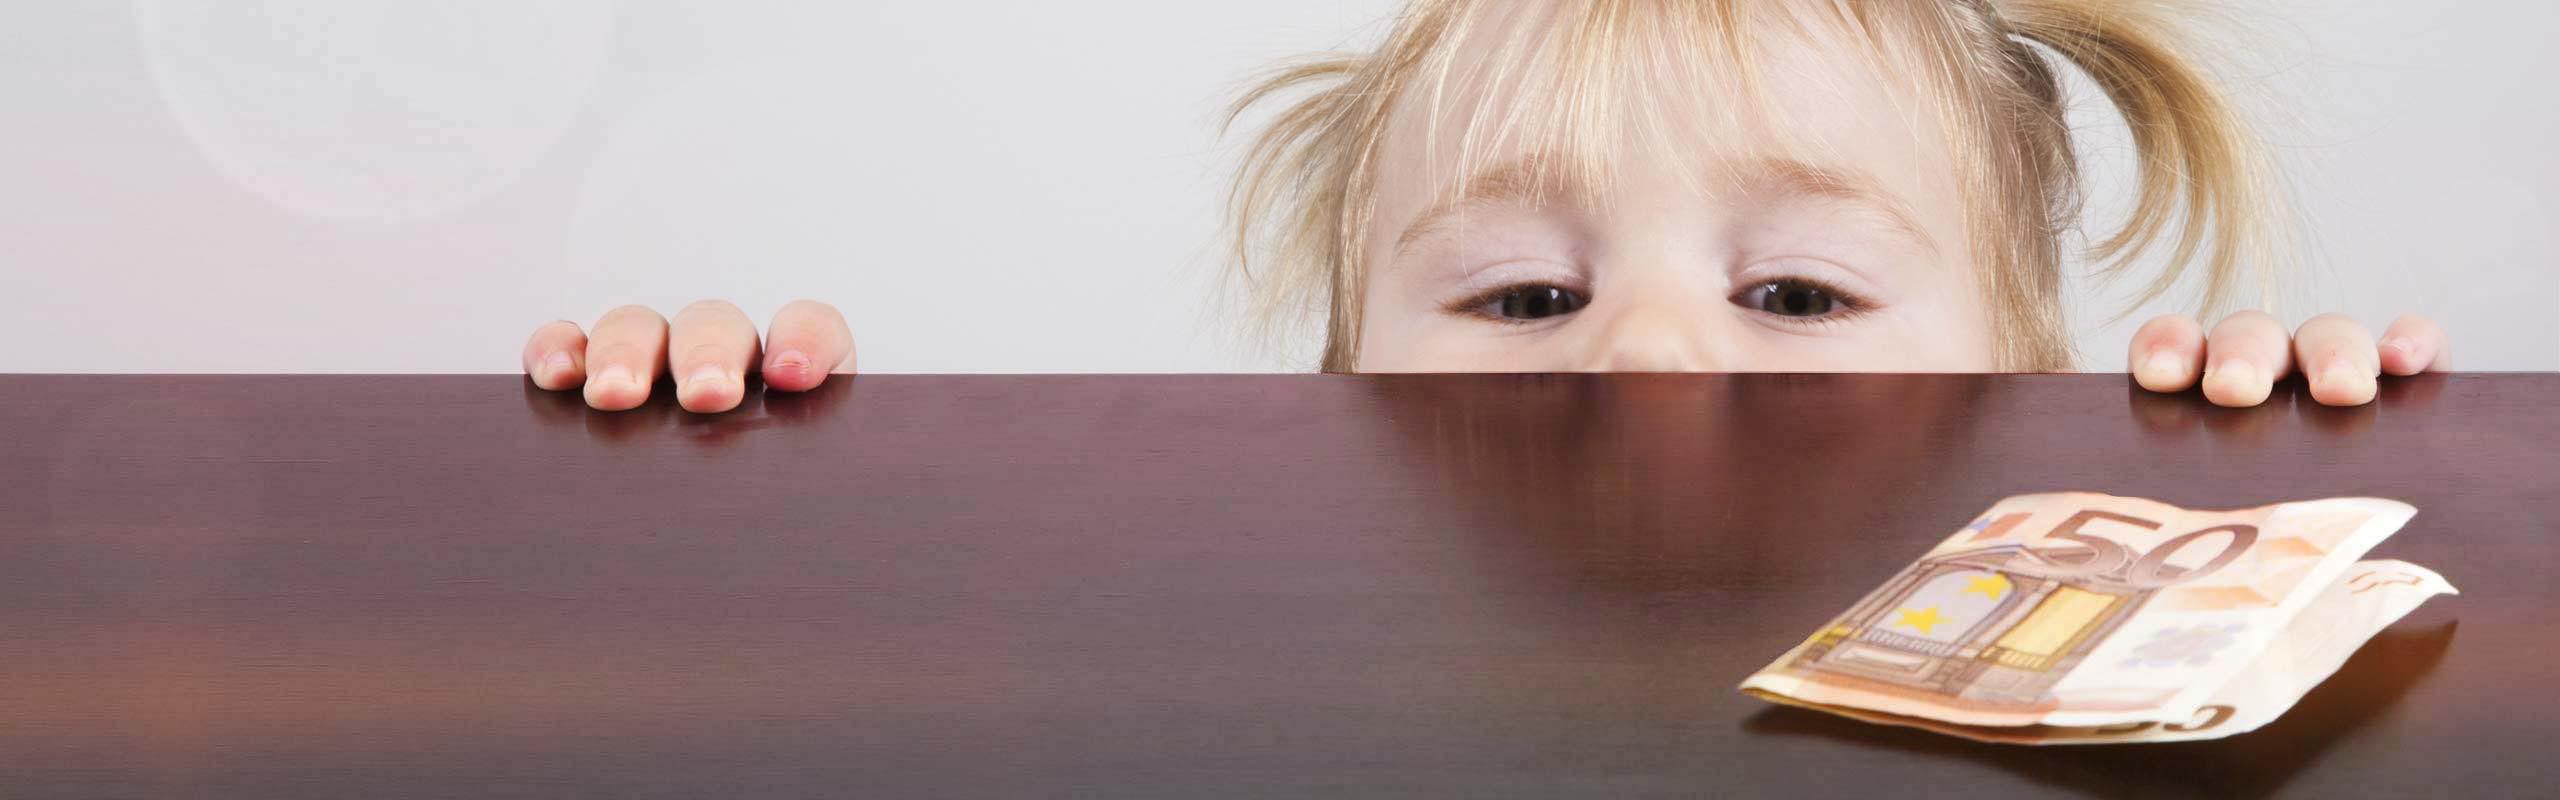 Ouvrir Une Epargne Ou Un Livret Pour Un Enfant Credit Mutuel